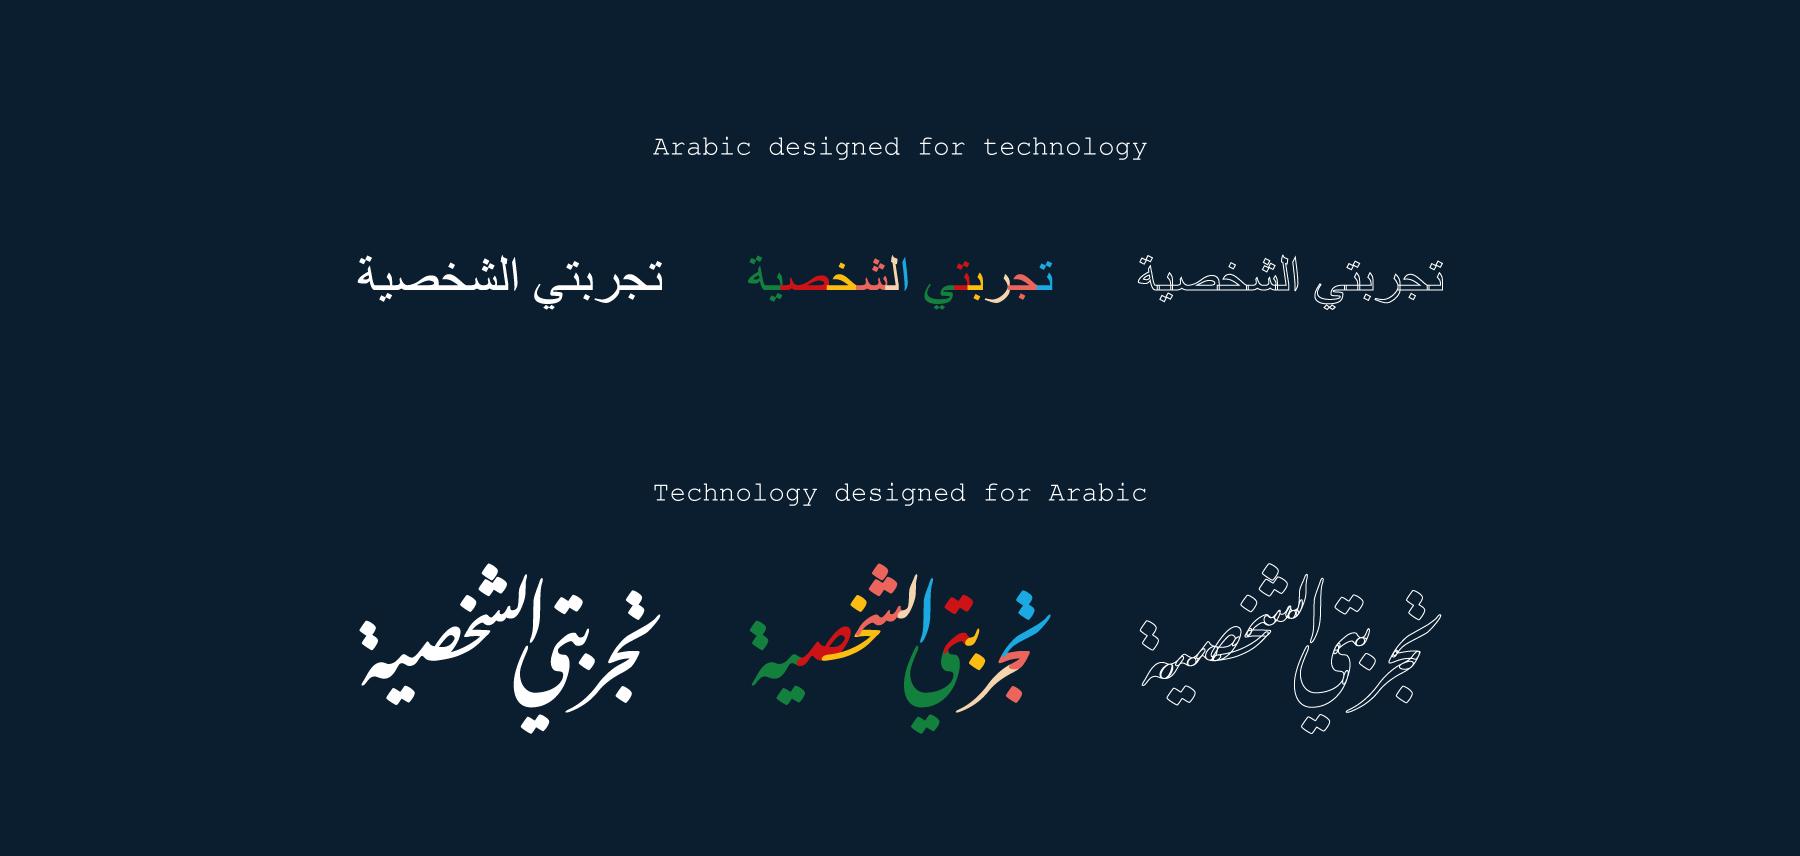 aba_1001-glyphs-studiobar-decotype-infographic